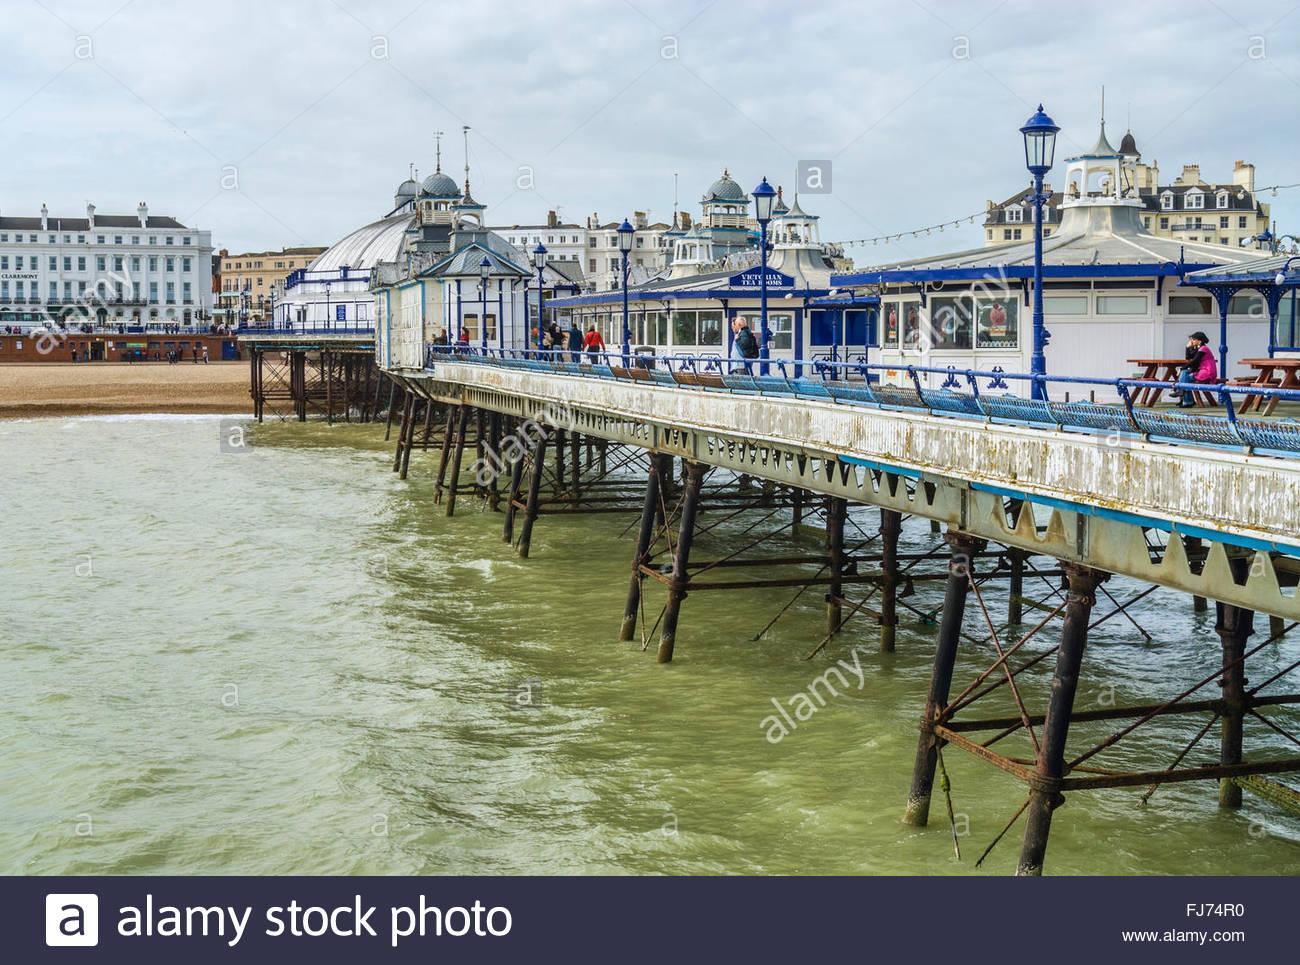 Historische Eastbourne Pier in East Sussex, Südengland | Historische Pier von Eastbourne, East Sussex, Suedengland Stockbild